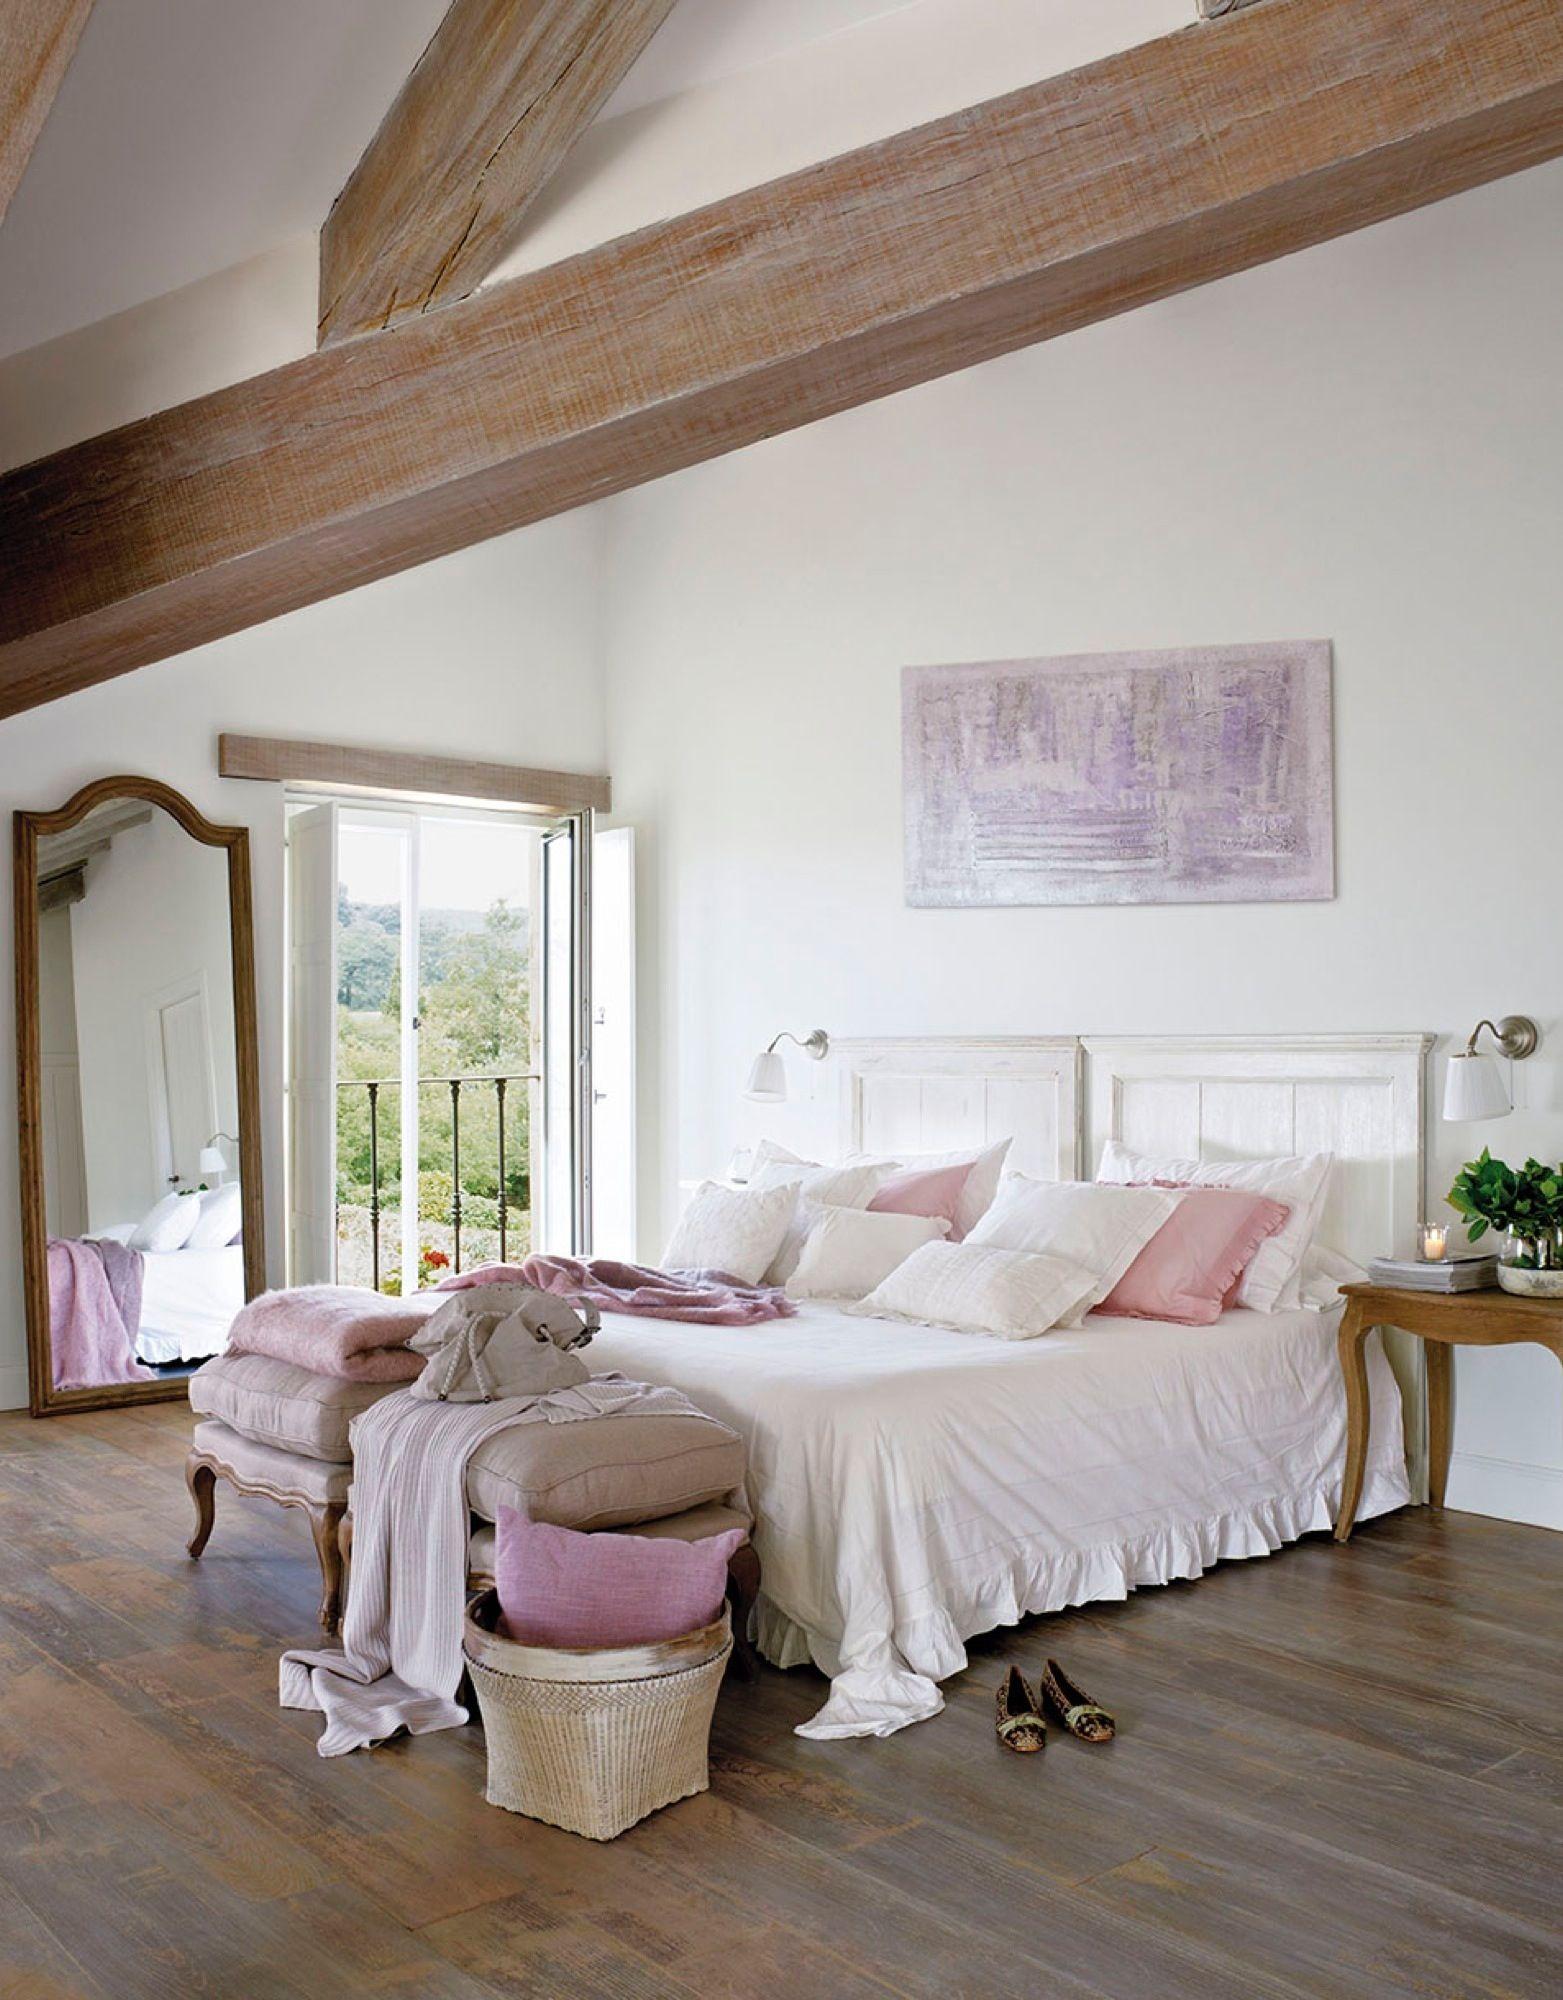 Con balc n pinterest dormitorios r sticos r stico y - Decorar habitacion rustica ...